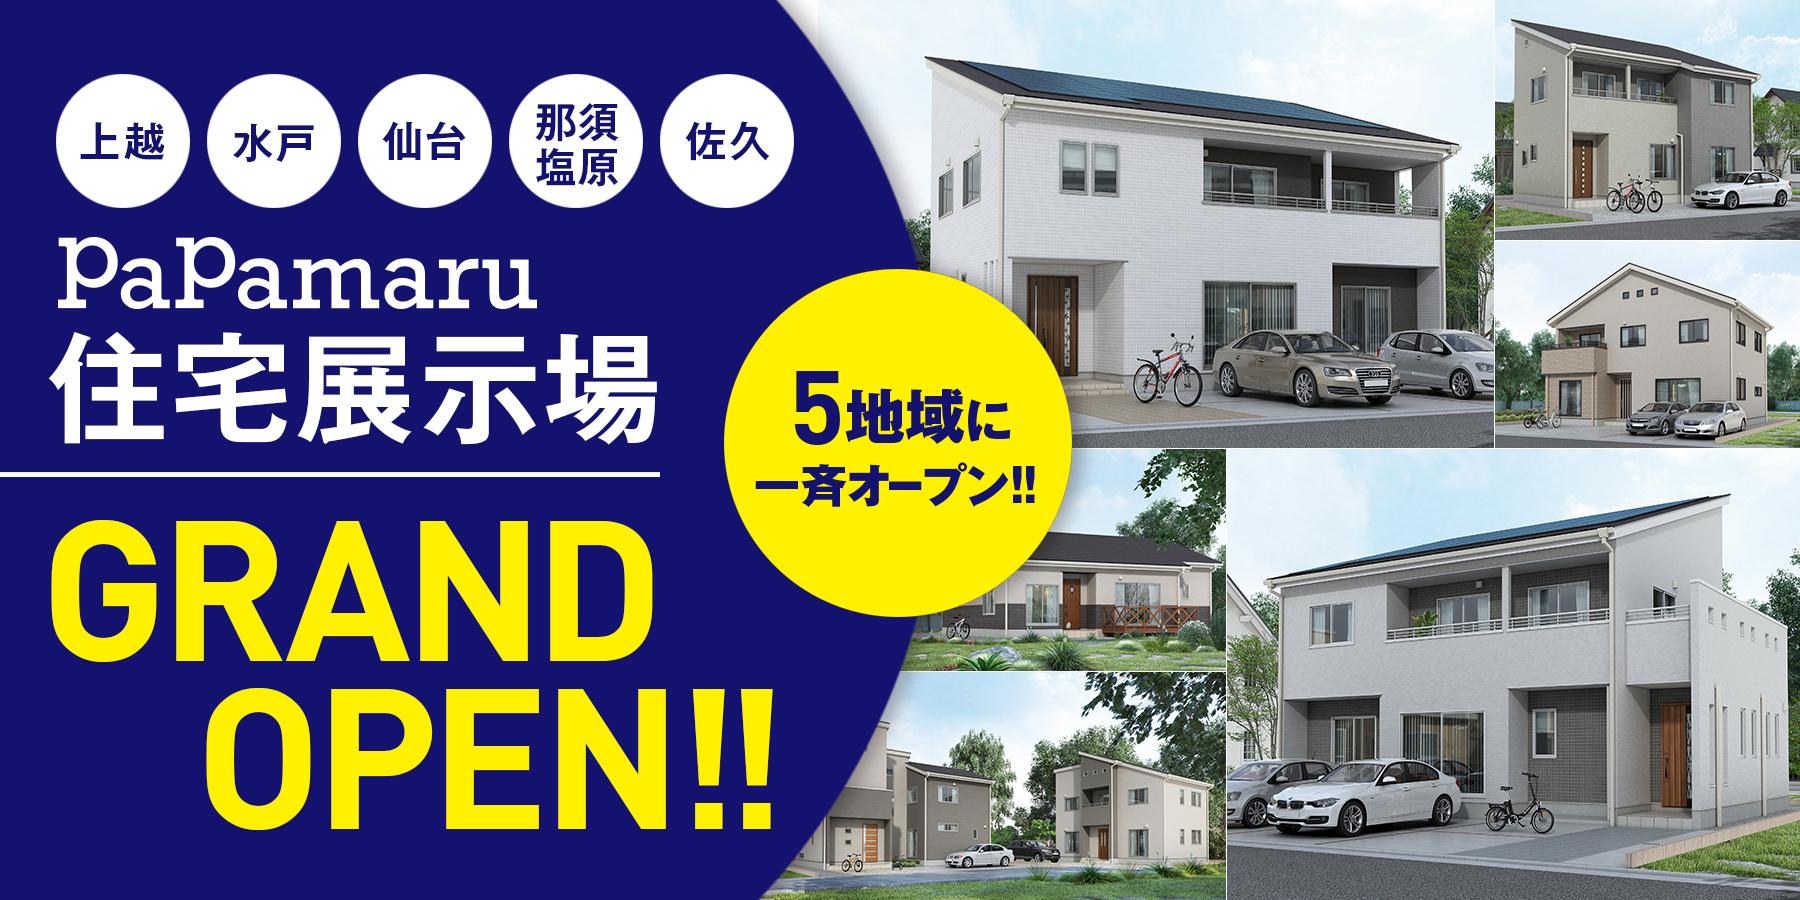 上越・水戸・仙台・那須塩原・佐久|モデルハウスオープン